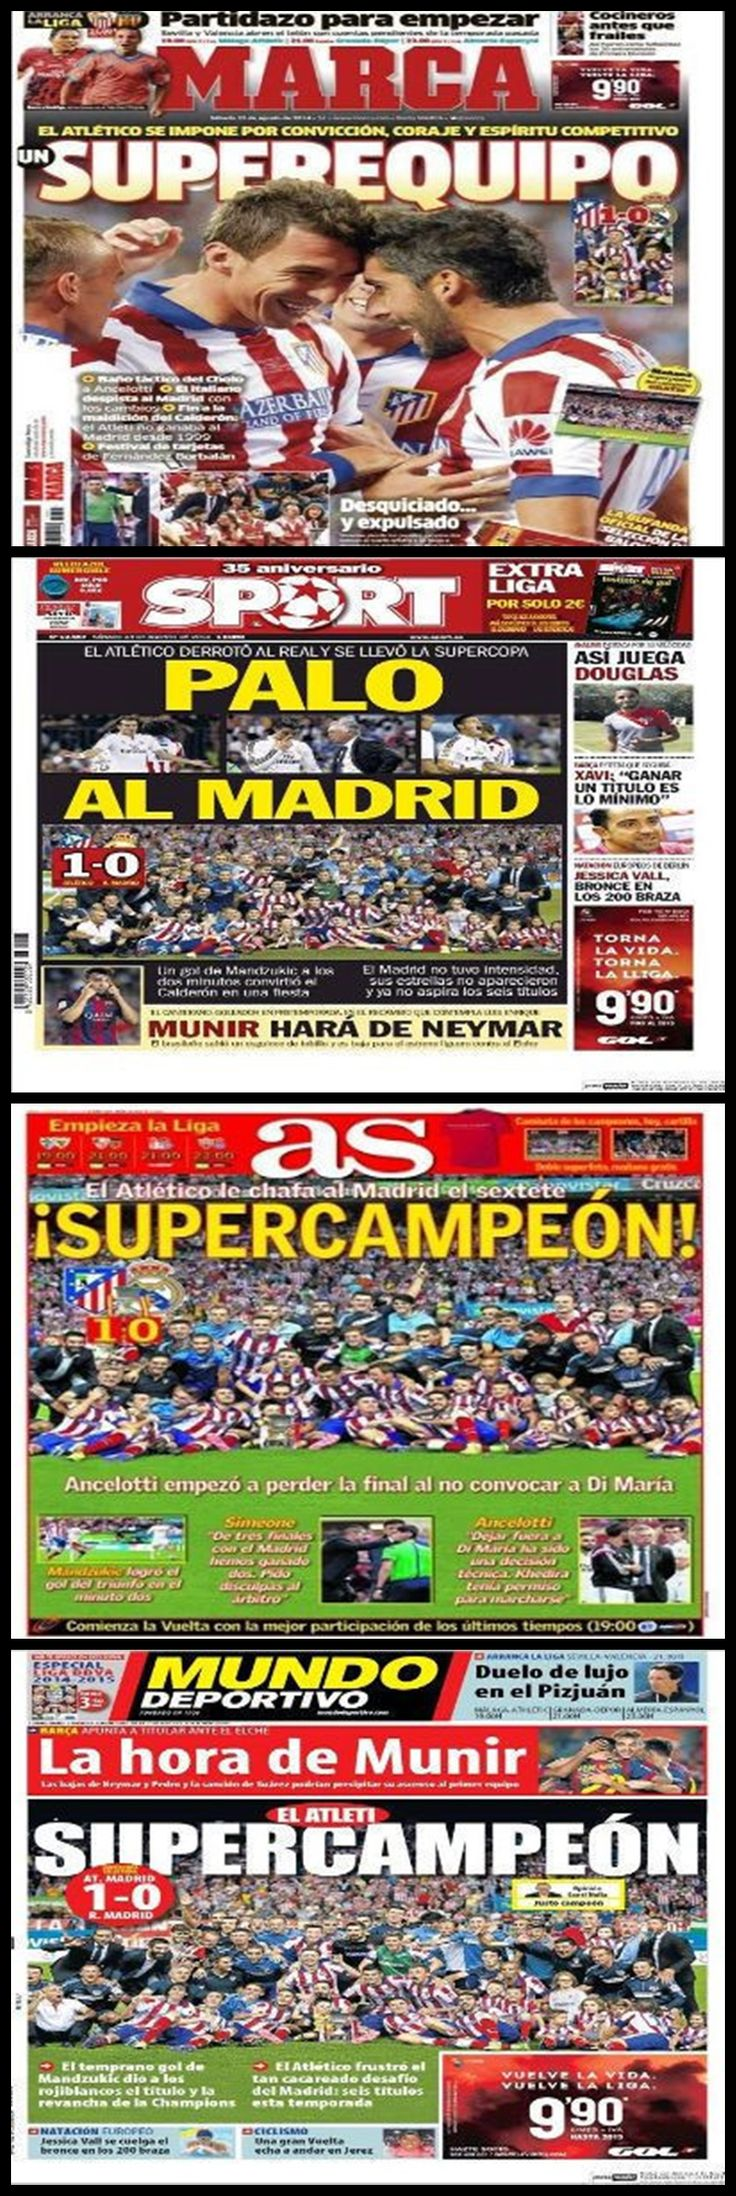 Atletico de Madrid Campeón de la Supercopa de España'14 (Portadas diarios deportivos).